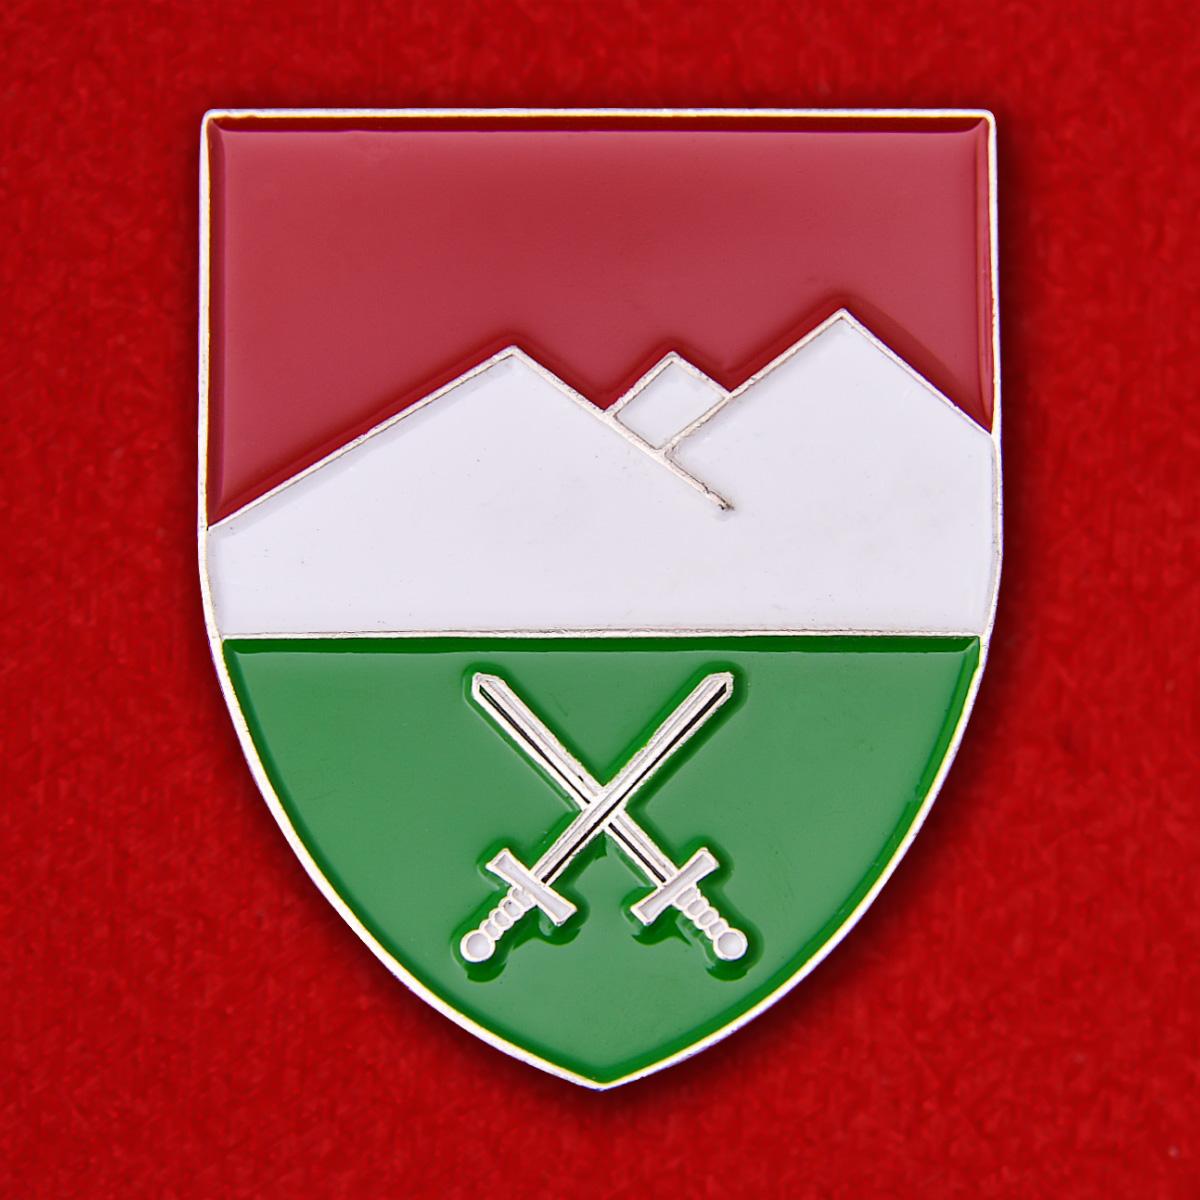 Знак учебного горного лагеря Бундесвера в Миттенвальде для боевых действий в зимних условиях